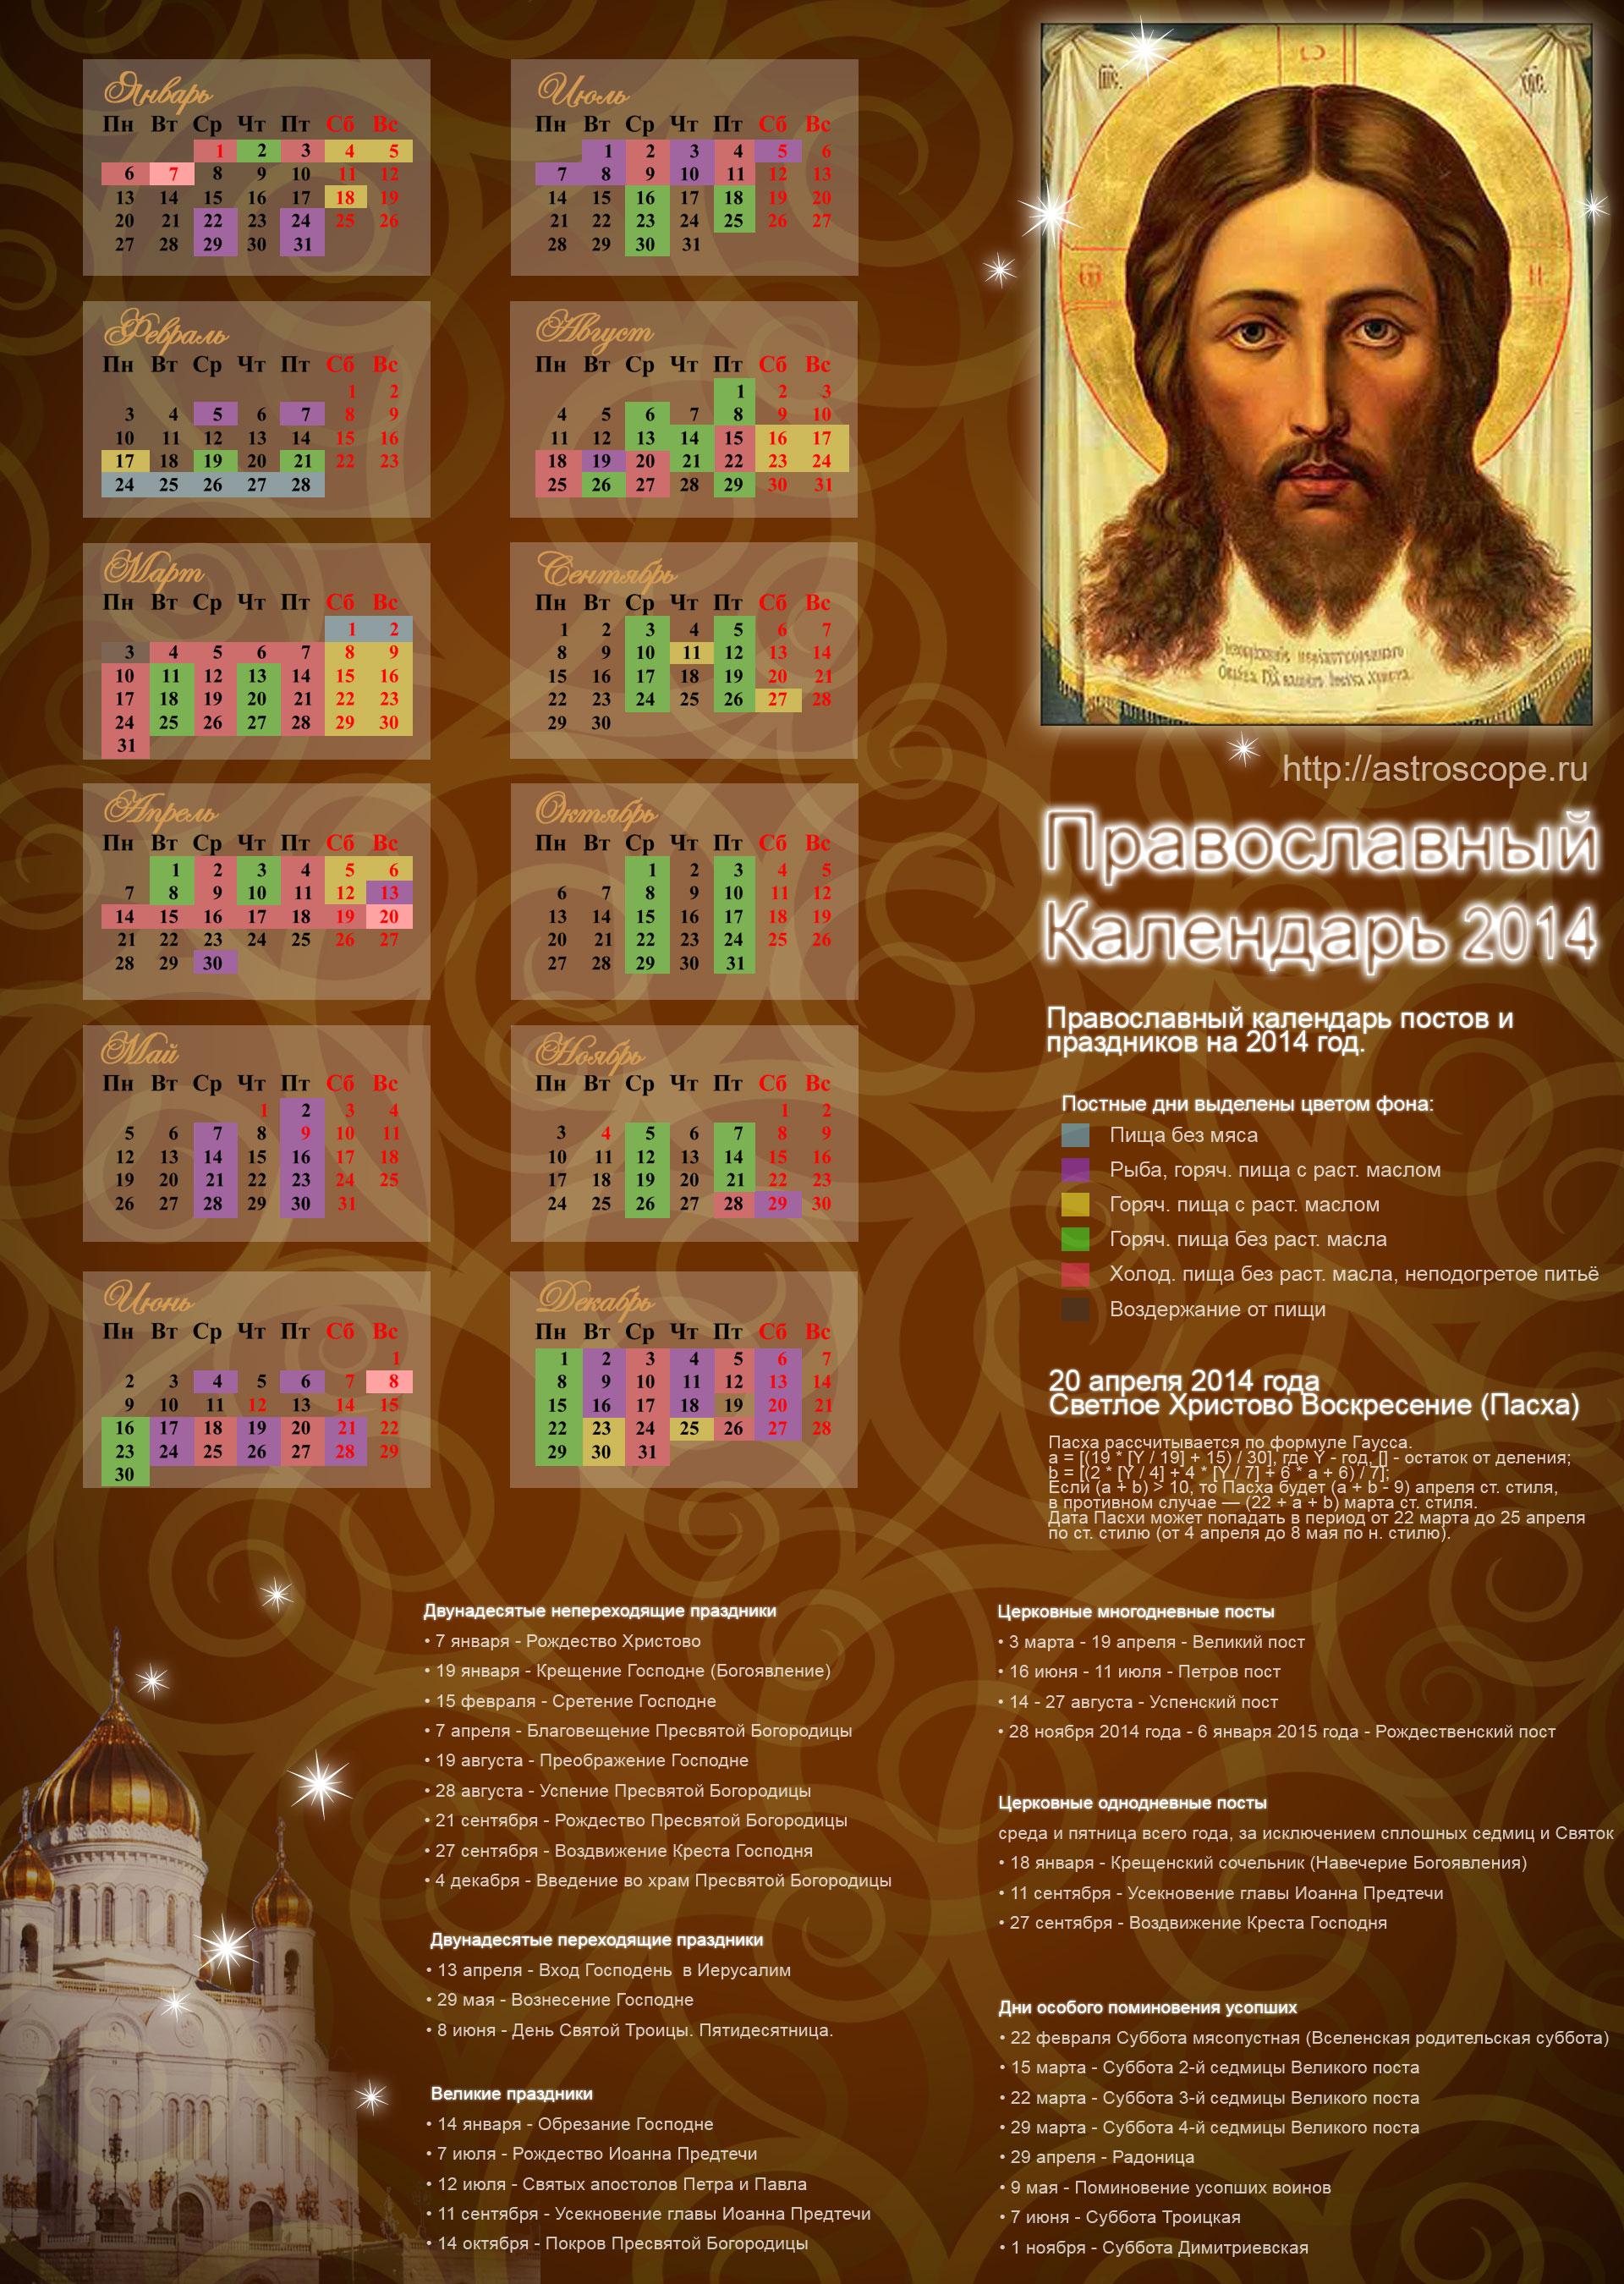 Календарь на 2014 год распечатать